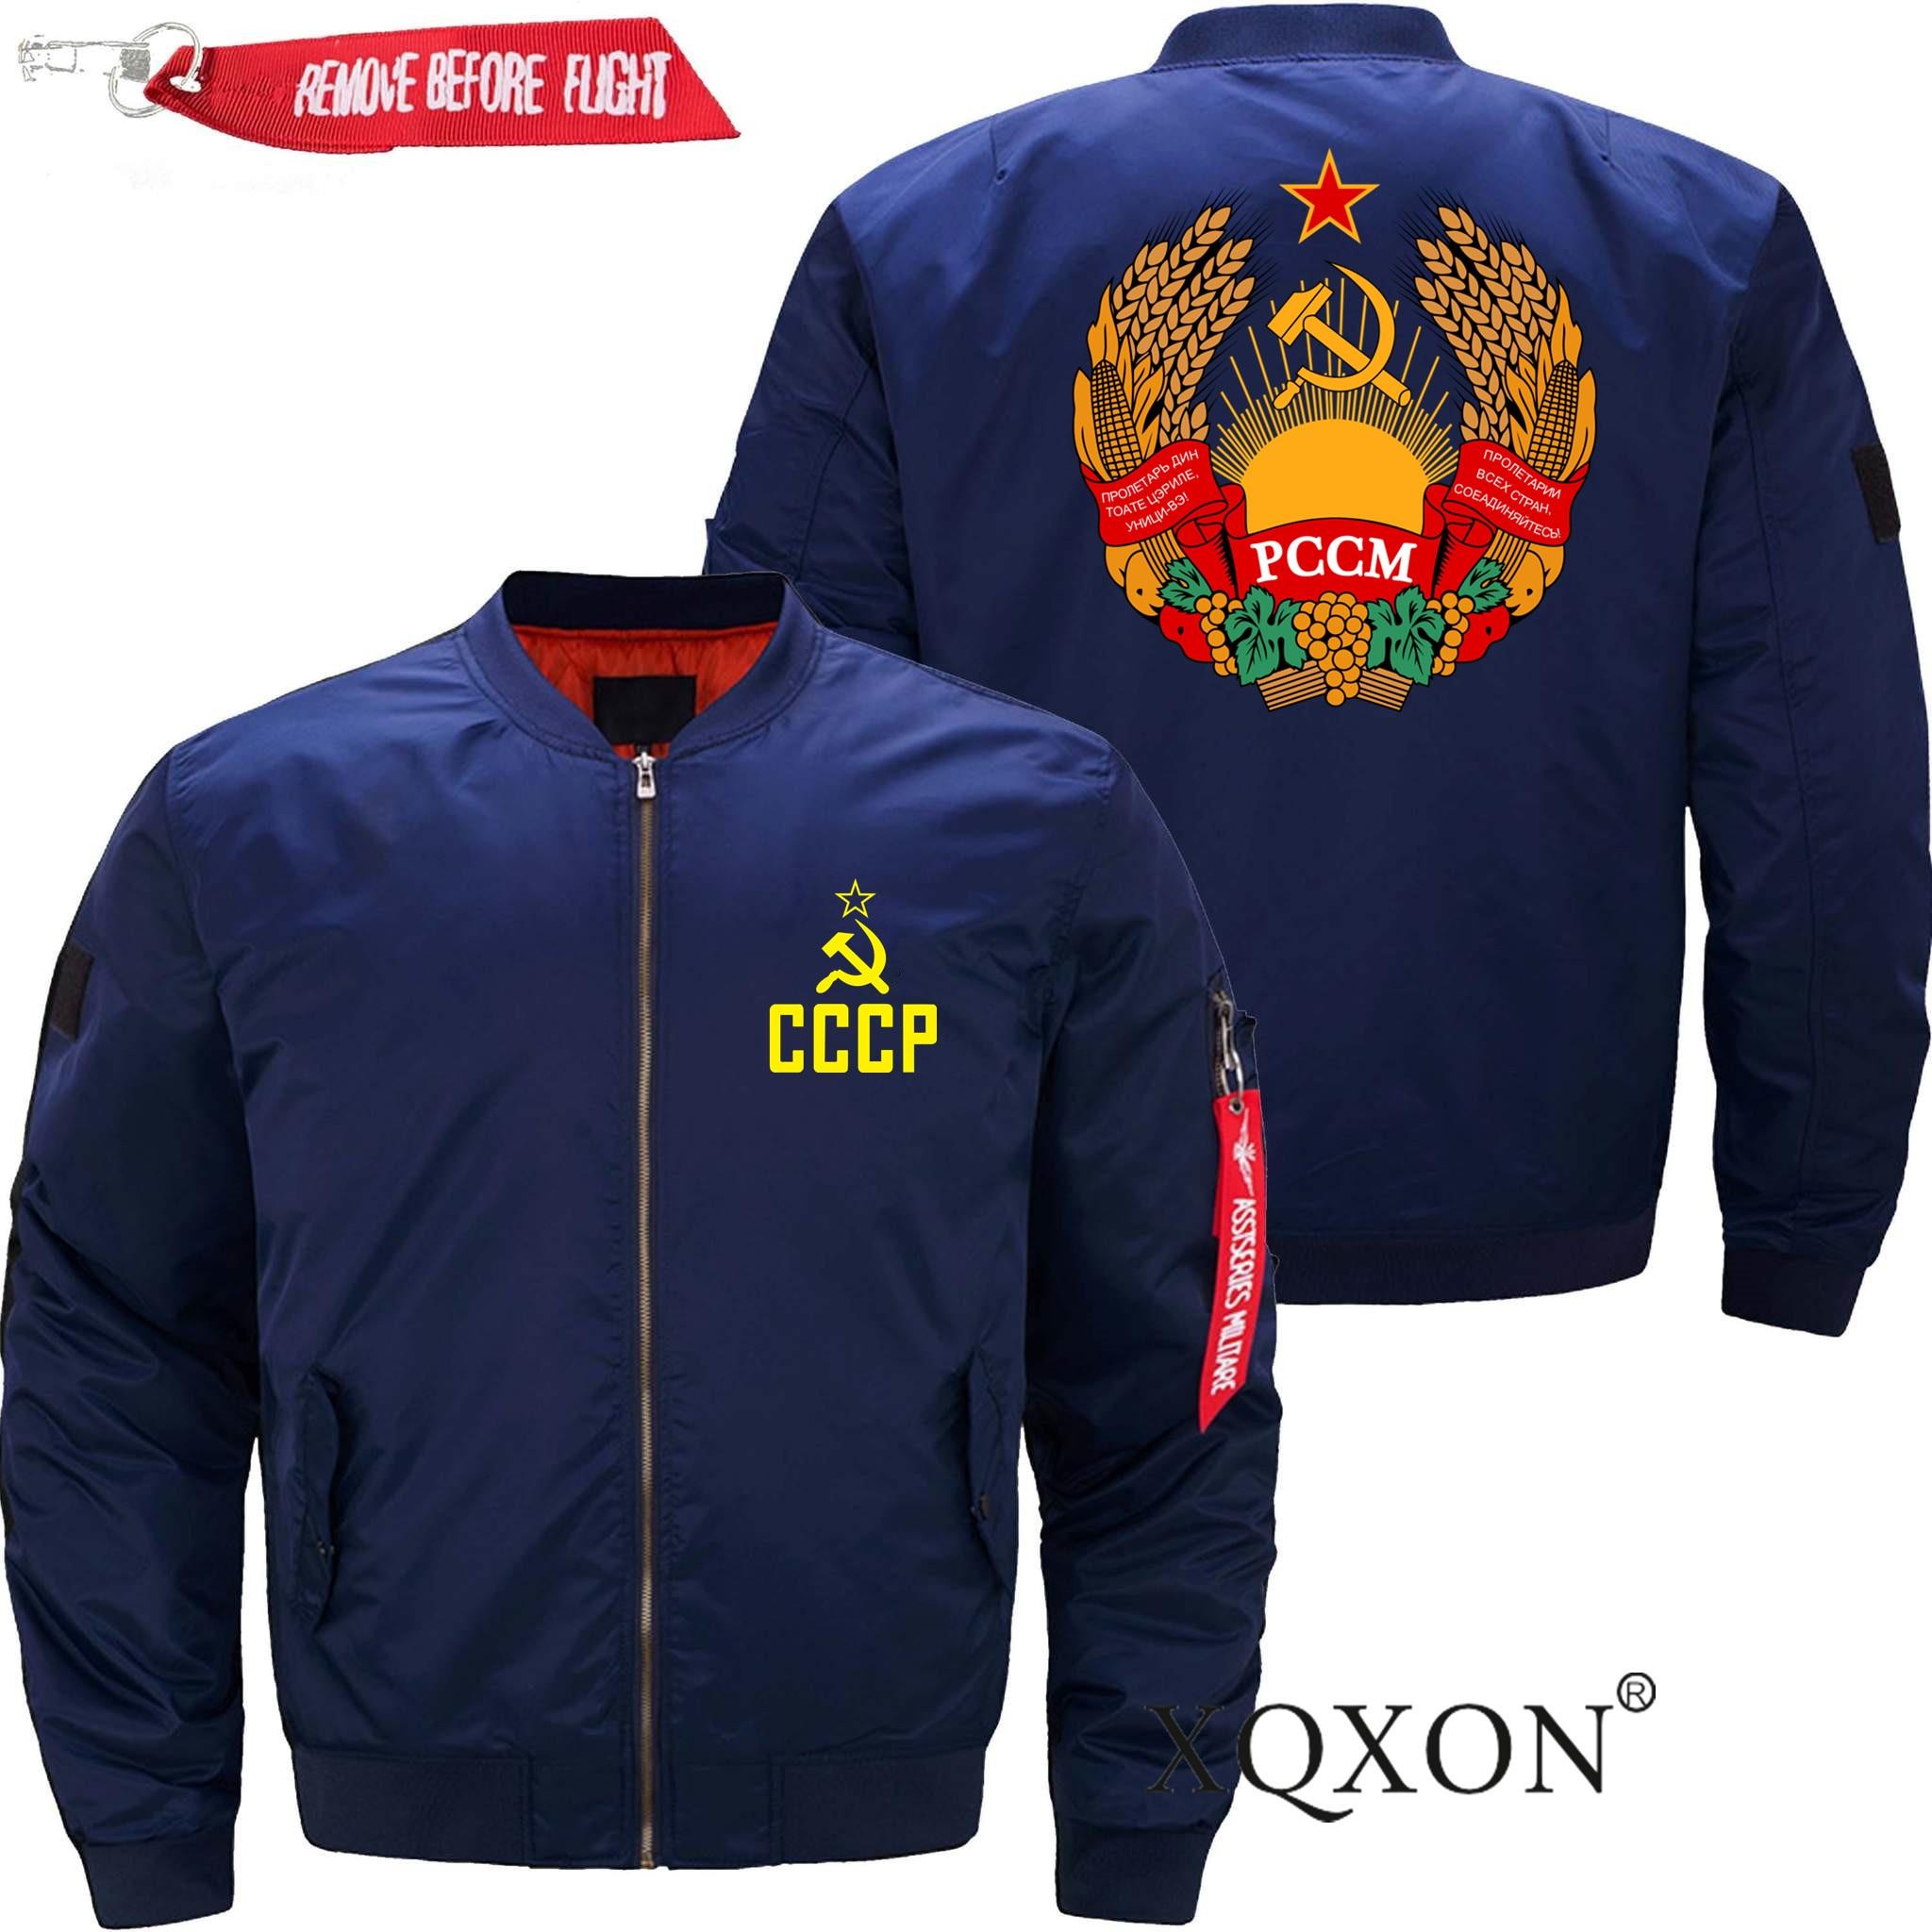 Мужская куртка-бомбер Cccp, куртки-пилоты, куртки, объединенные советские социалистические республики, клип, эмблема молдавийского герба, вое...